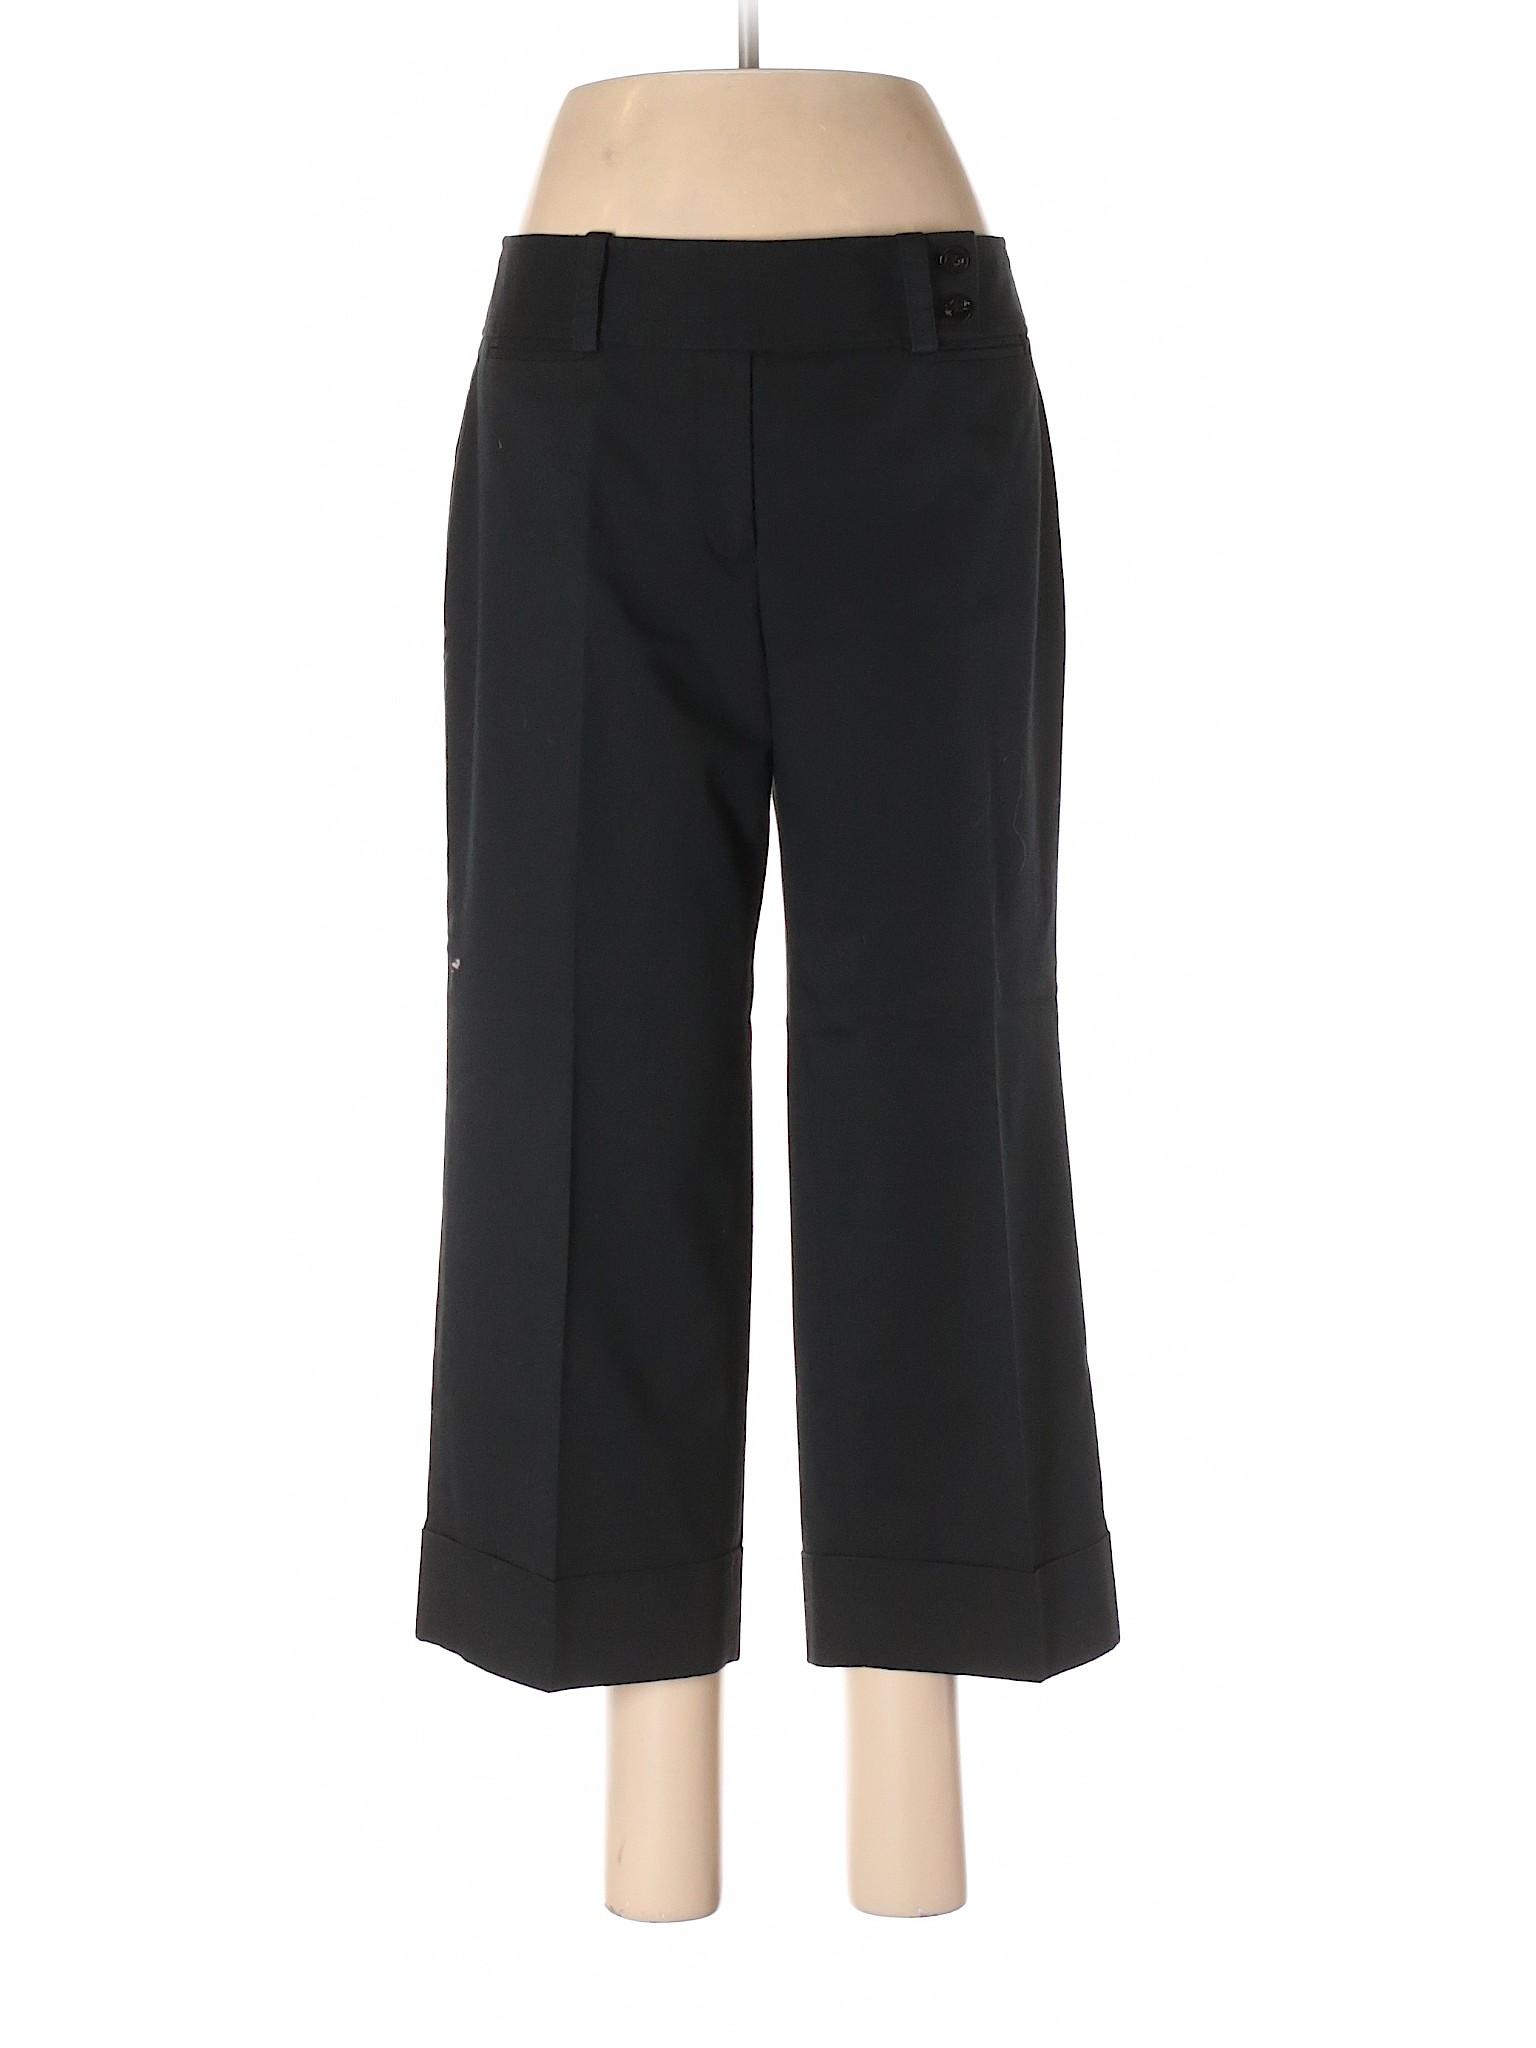 Pants Leisure Dress winter Taylor Ann 4Ba1BW